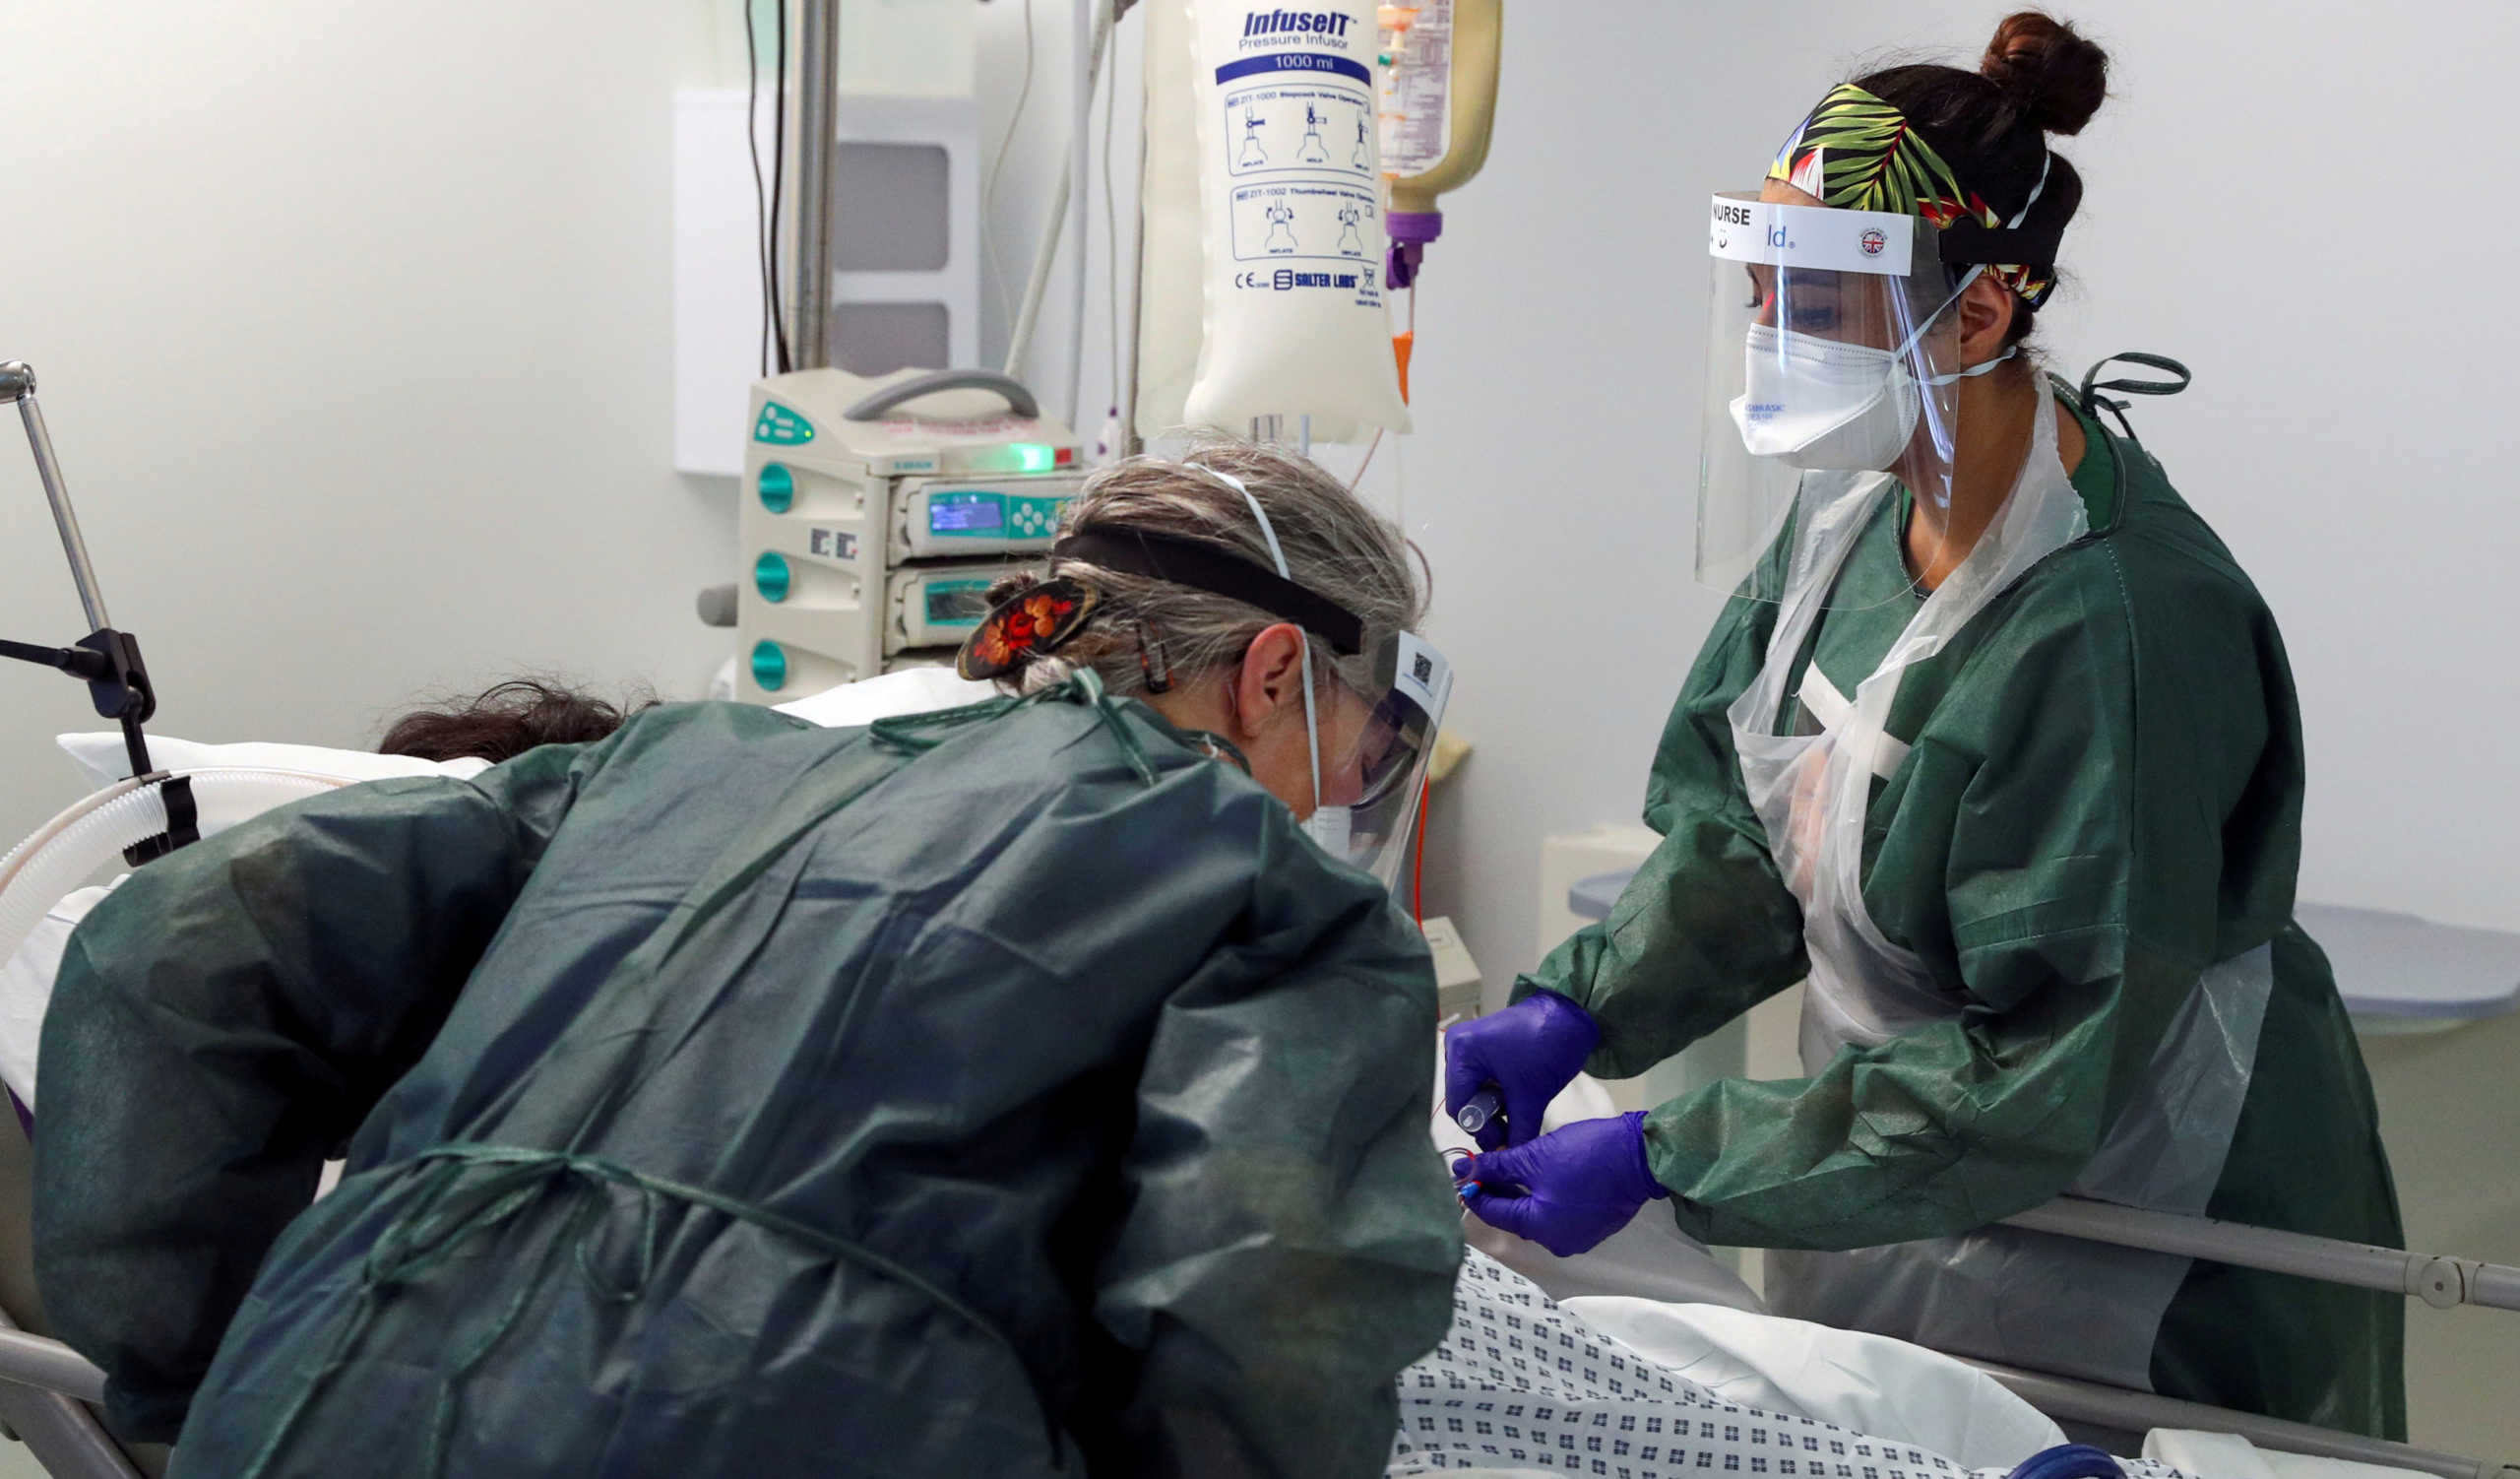 Κορονοϊός: Γεμίζουν επικίνδυνα τα βρετανικά νοσοκομεία – Ψάχνουν λύσεις σε γηροκομεία